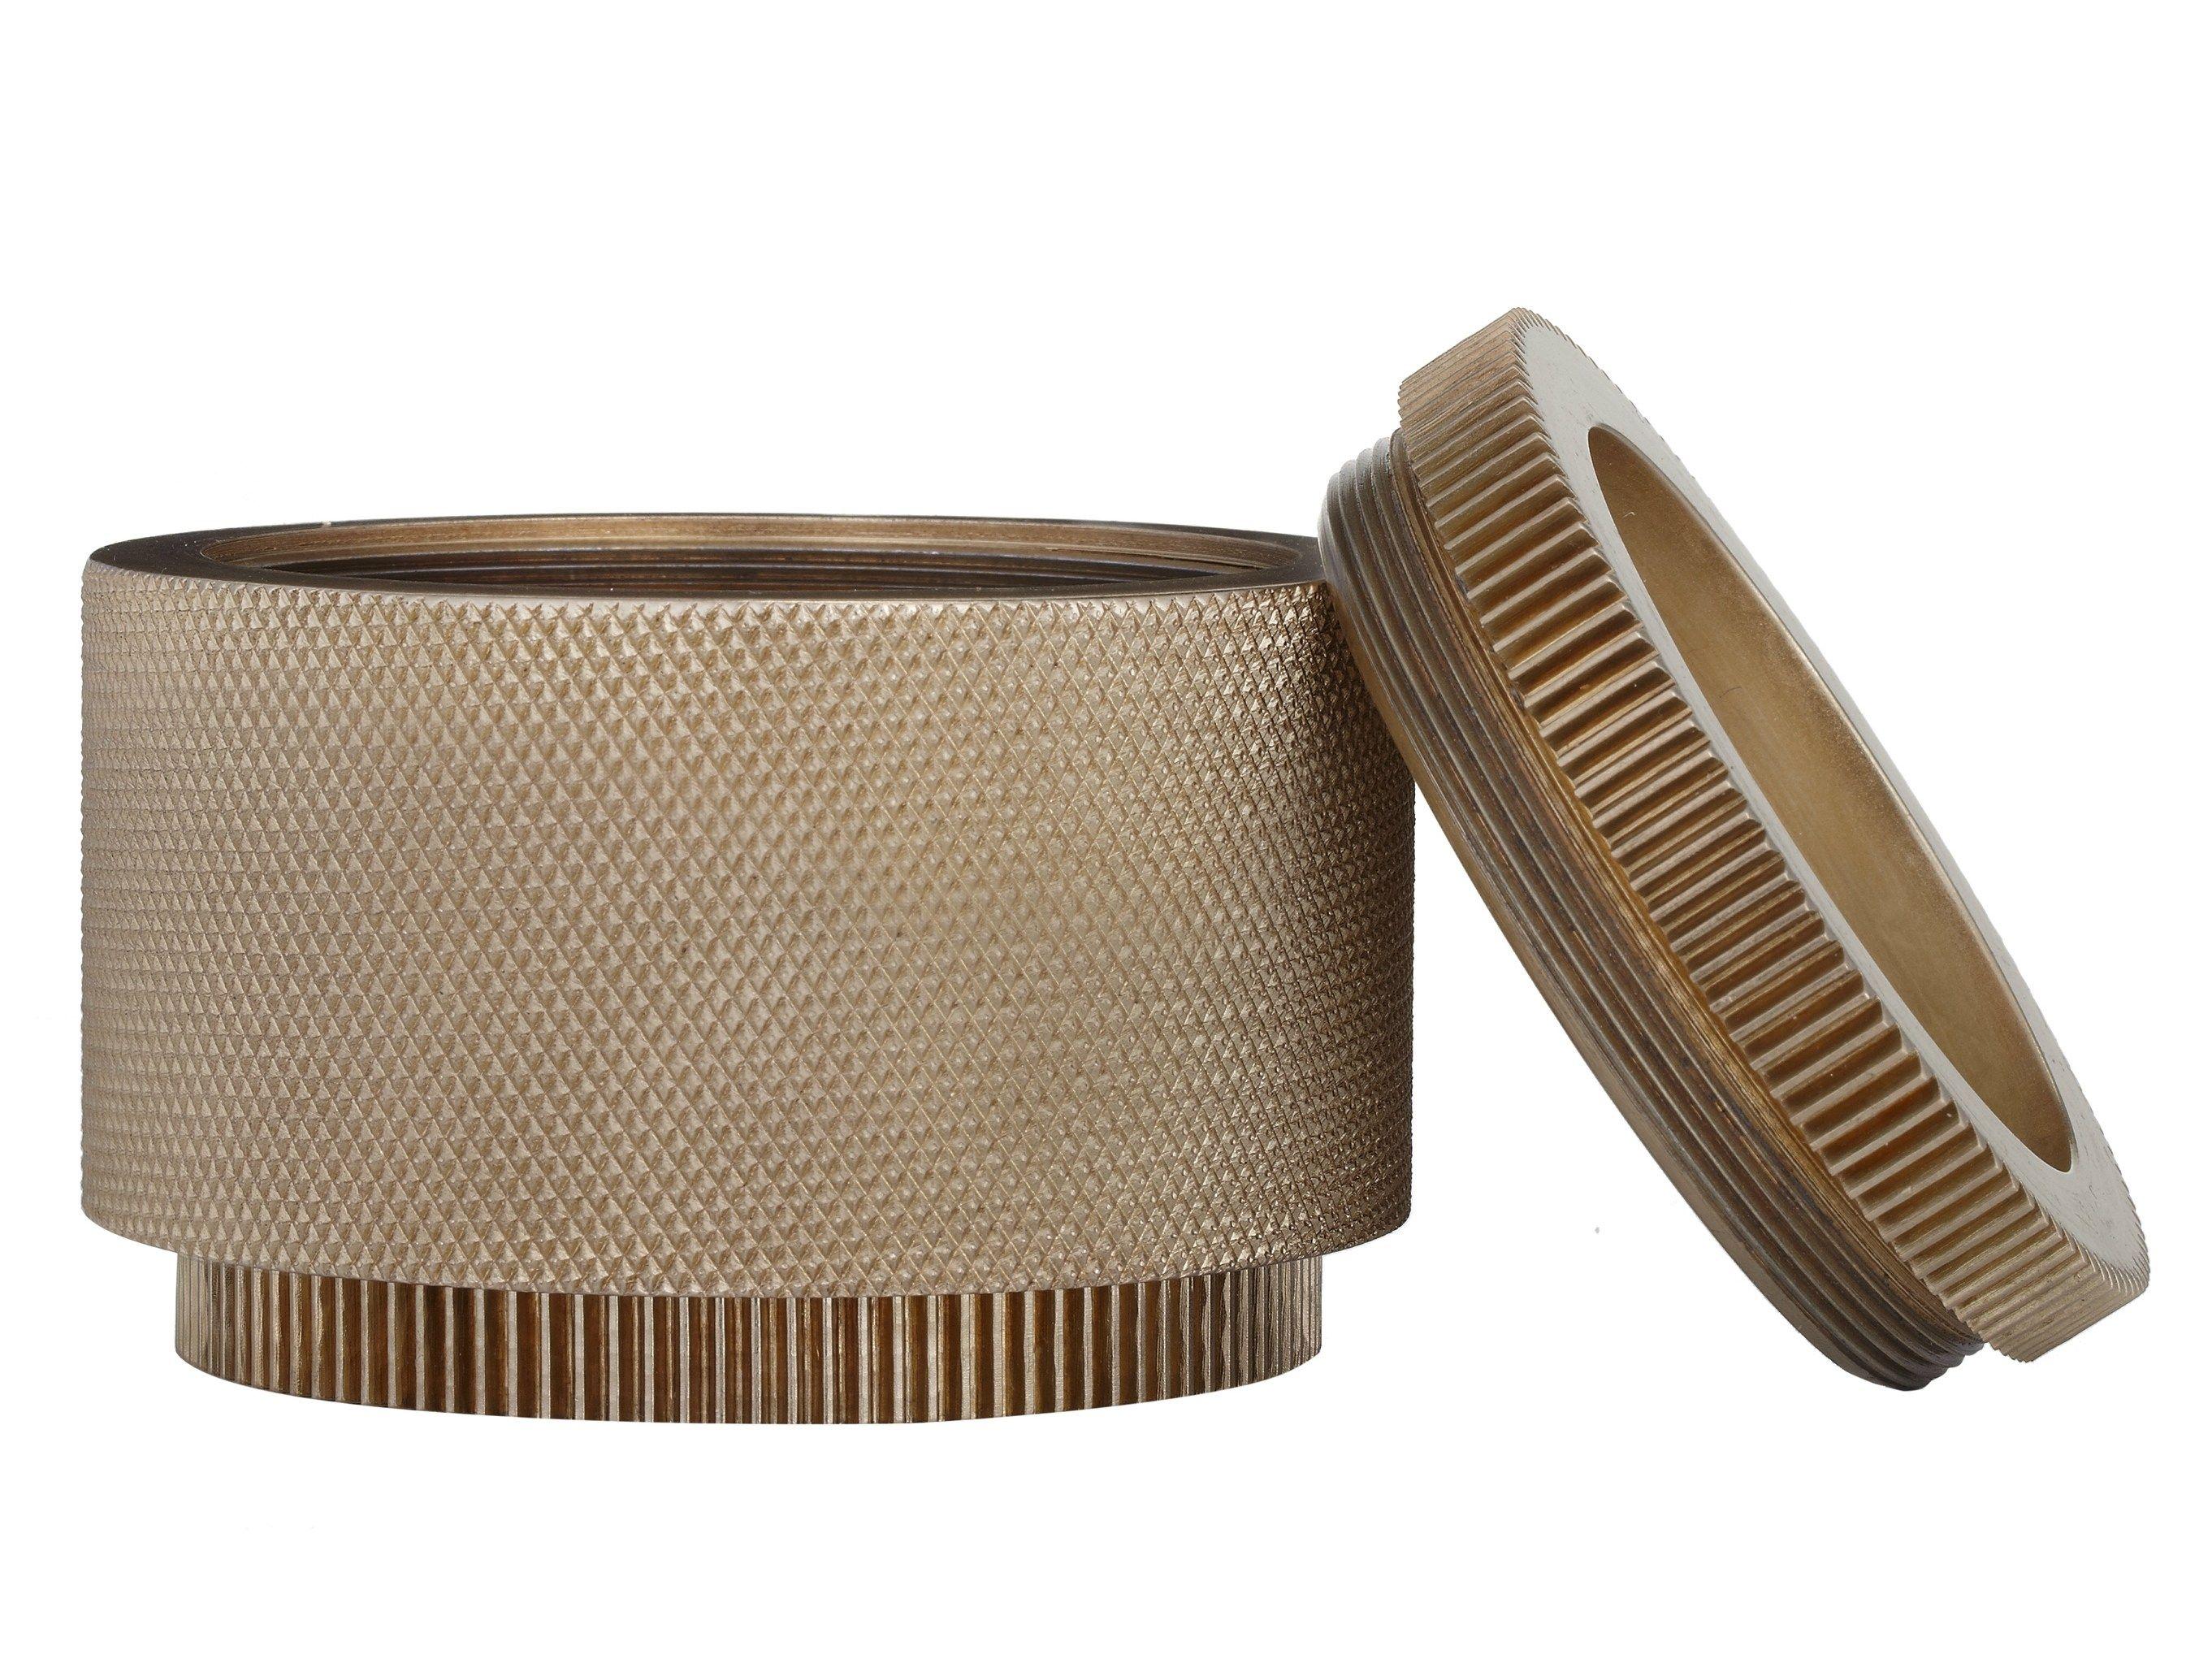 Portagioie in metallo COG CONTAINER LARGE Collezione Cog by Tom Dixon | design Tom Dixon